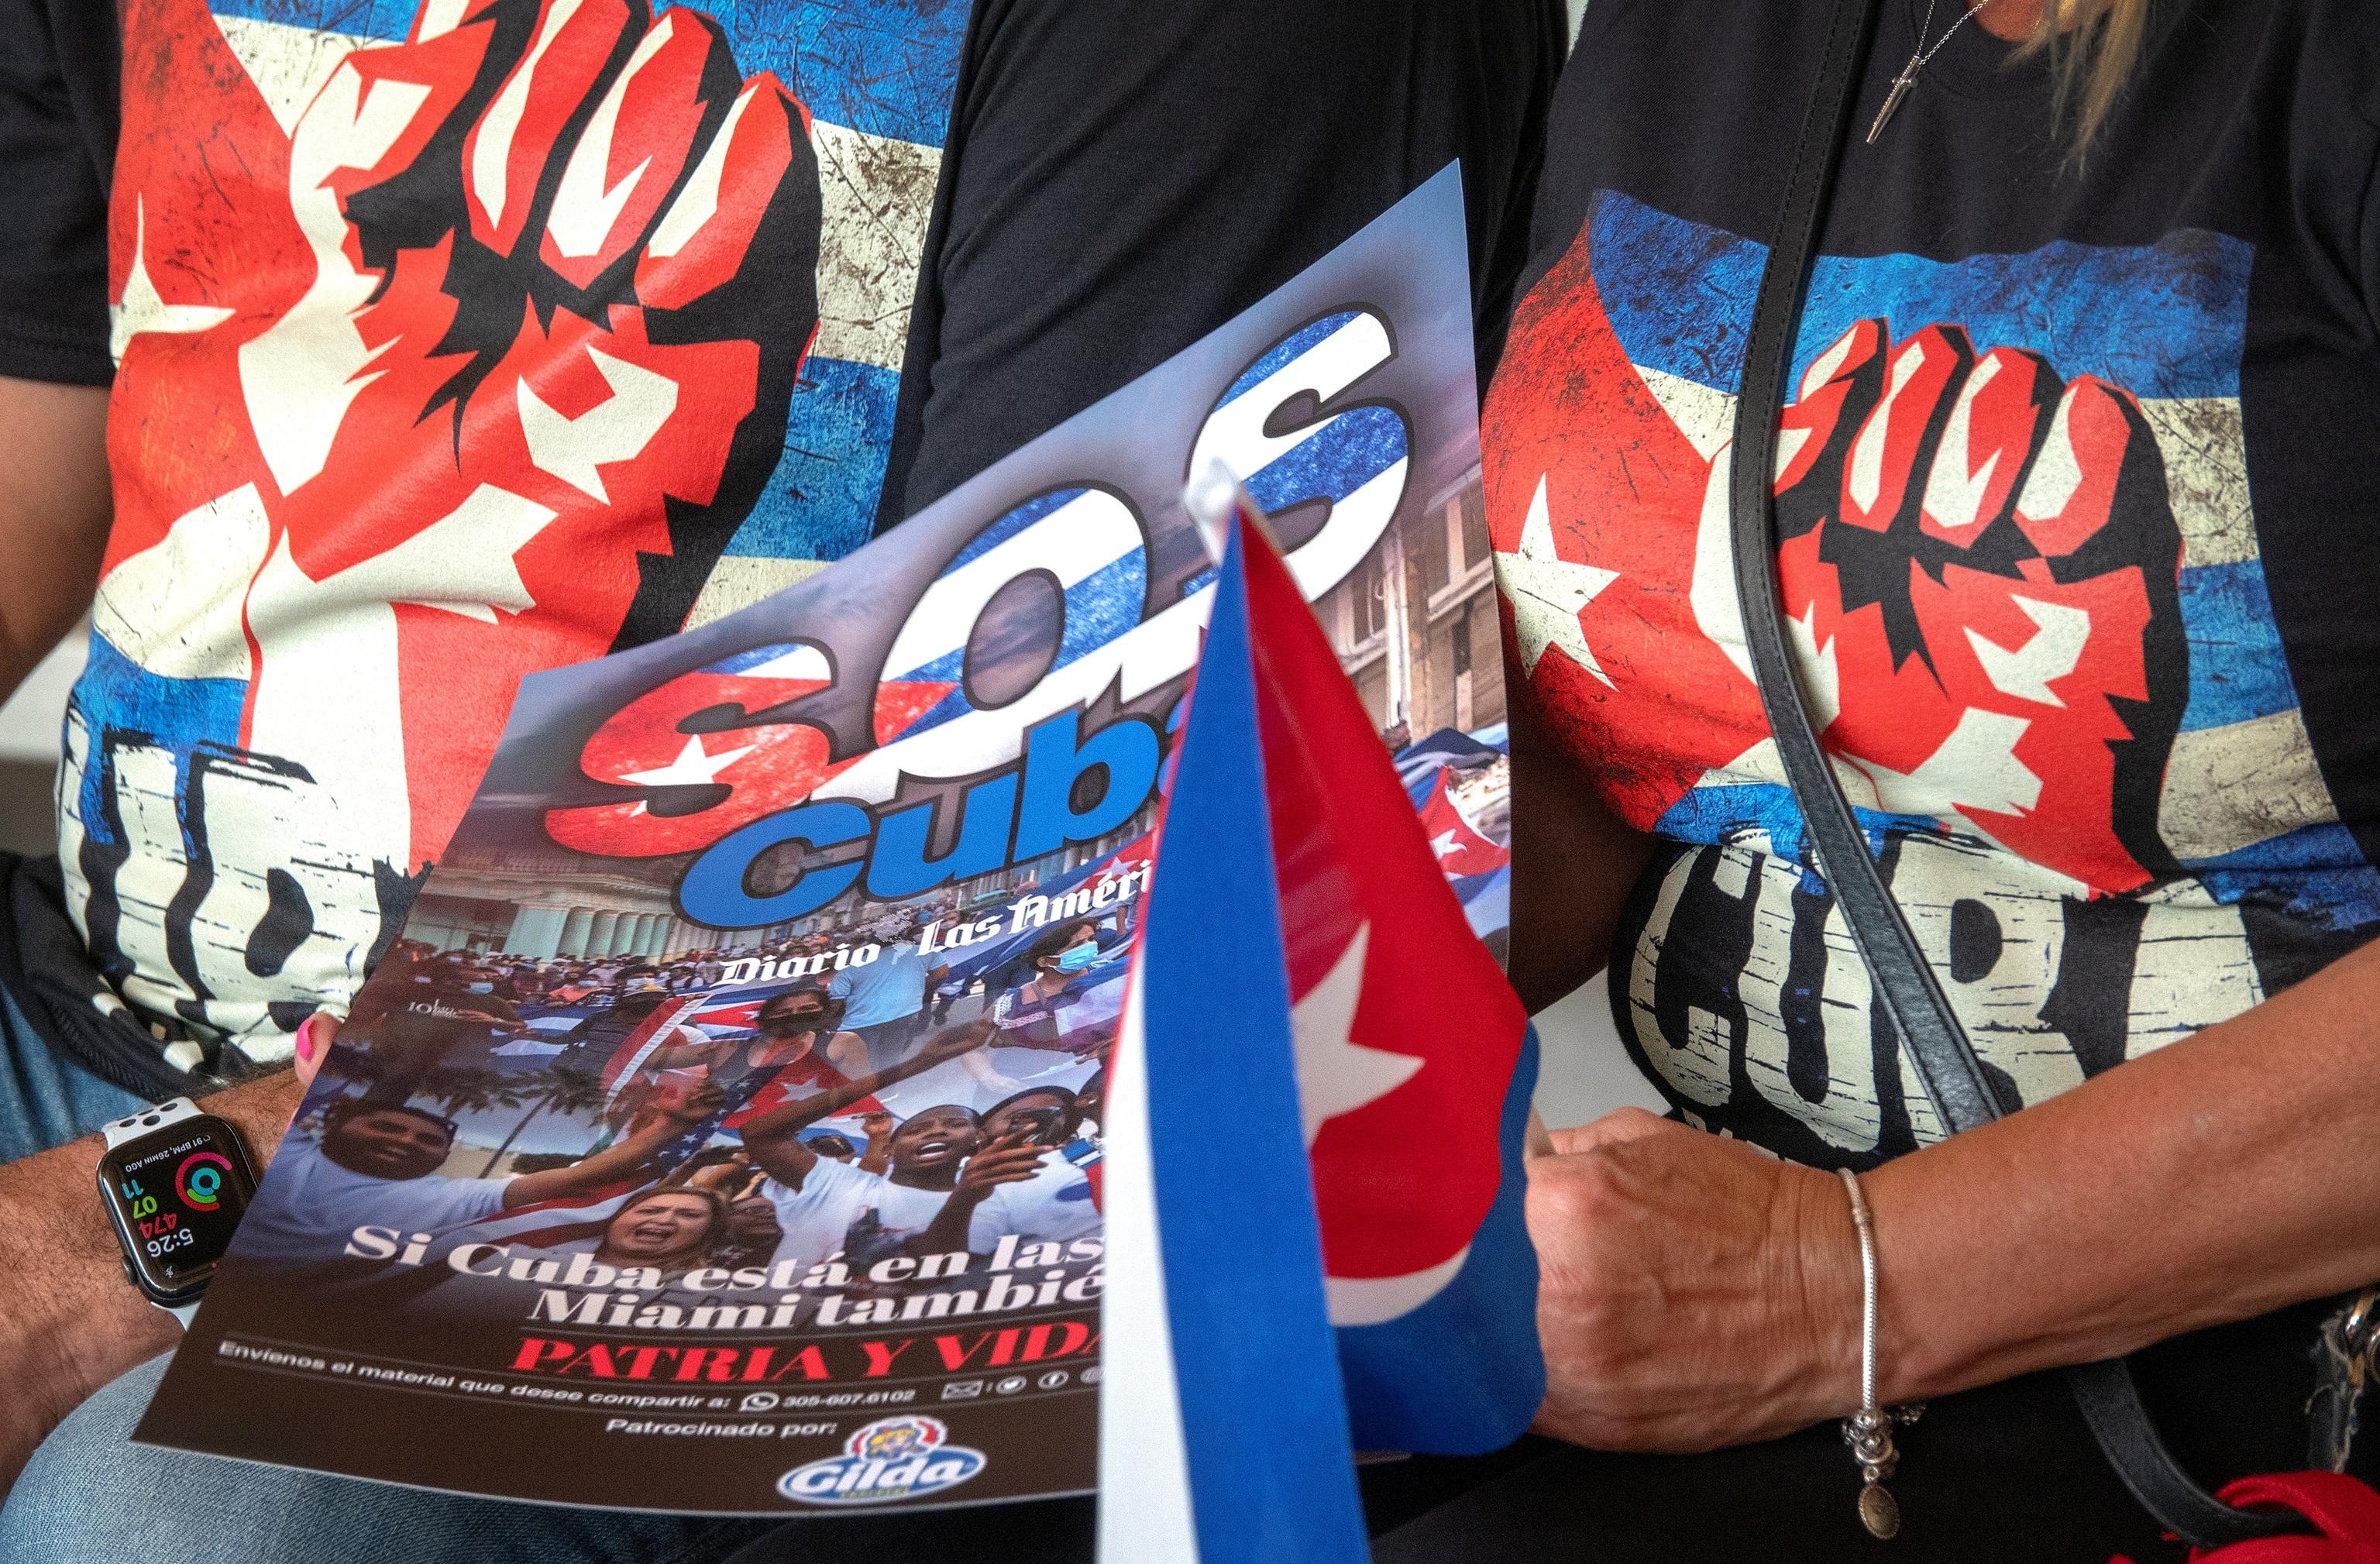 Estadounidenses de origen cubano muestran su apoyo a los manifestantes en Miami.